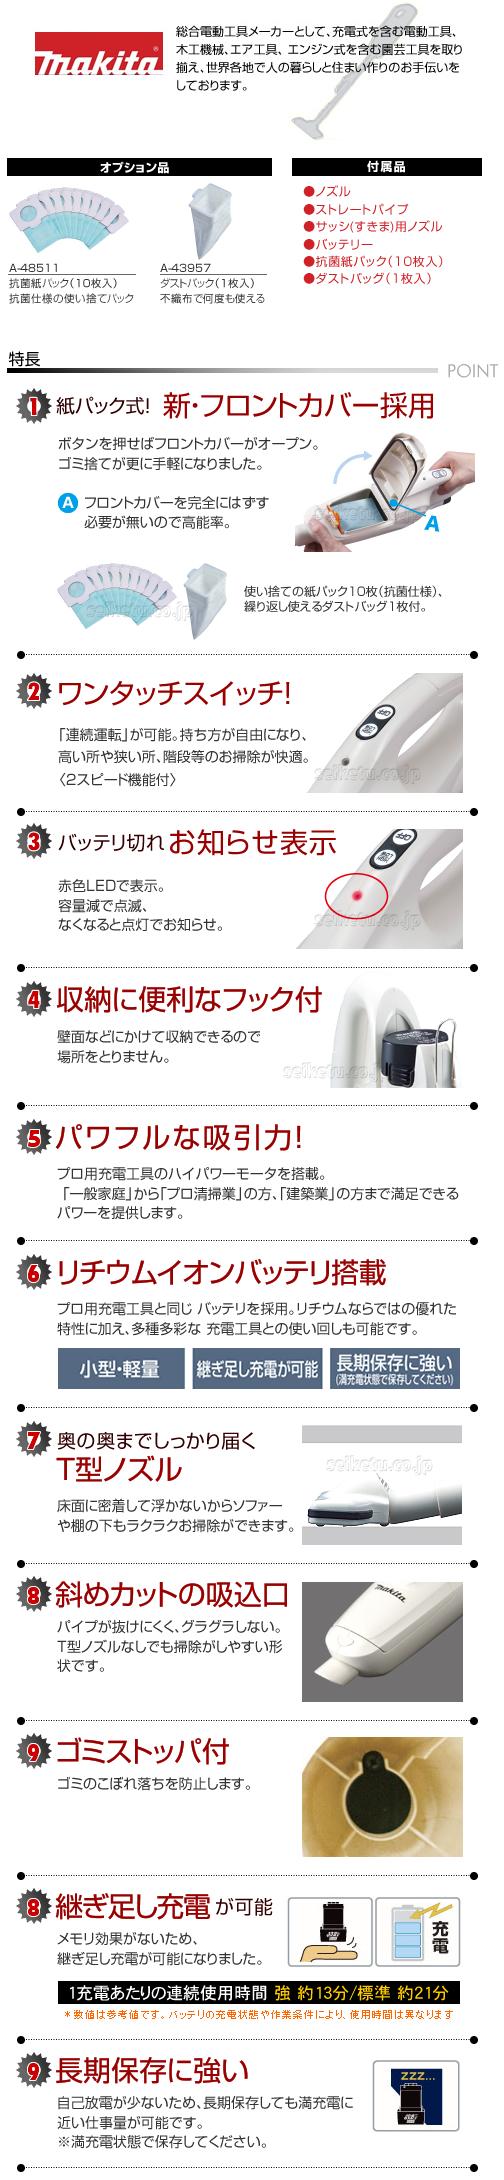 マキタ 充電式クリーナCL102DW(紙パック式/リチウム電池タイプ)